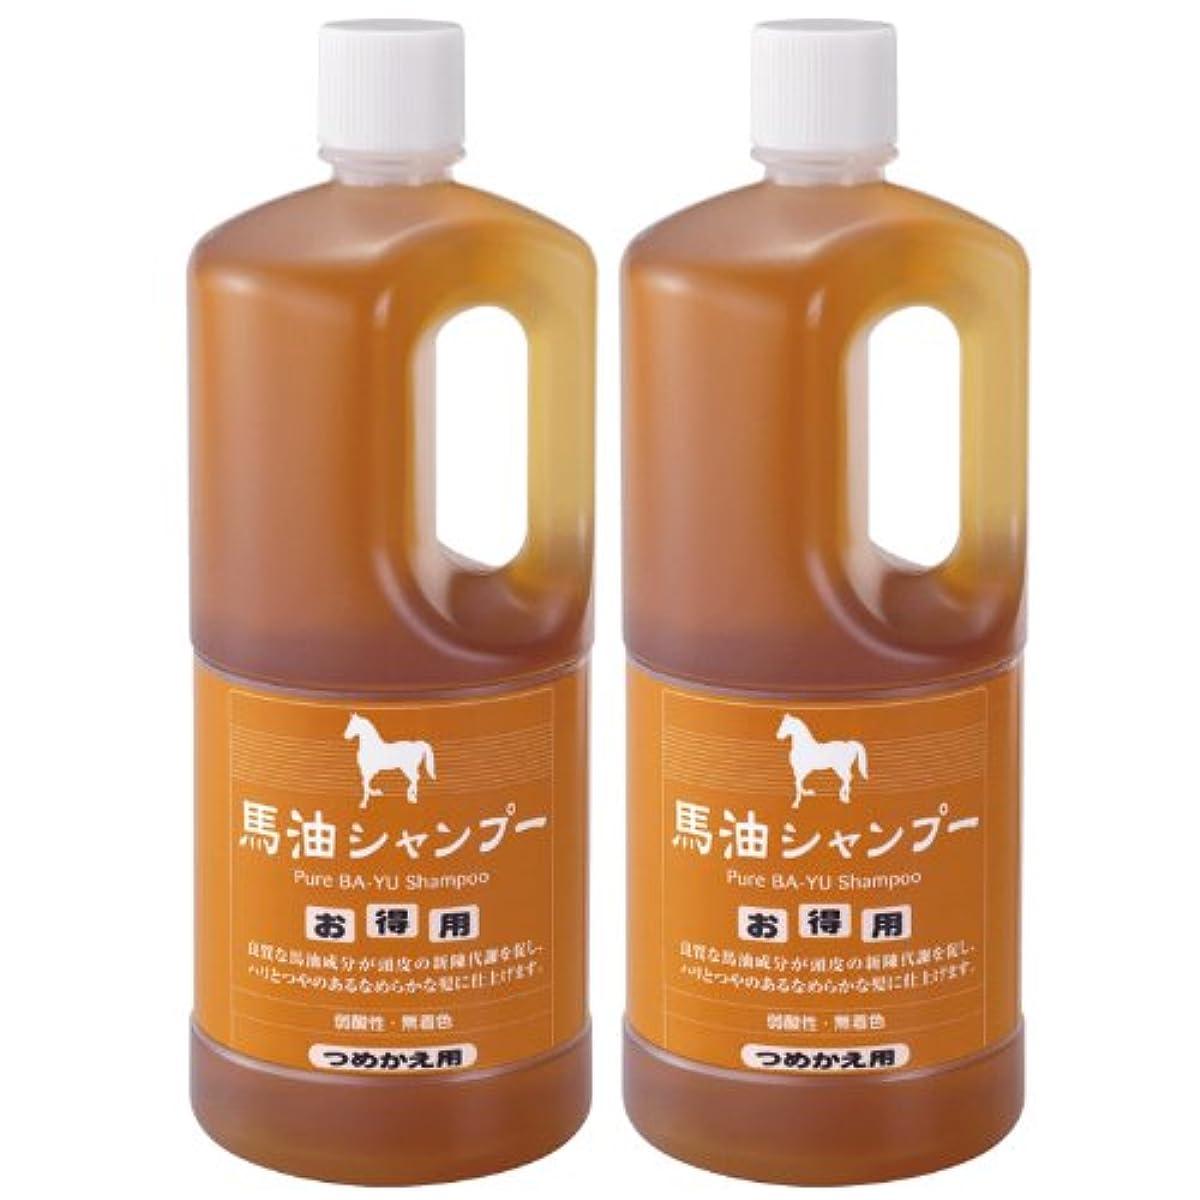 [해외] 아즈마상사 마유 샴푸 리필 (1000mlx2개)